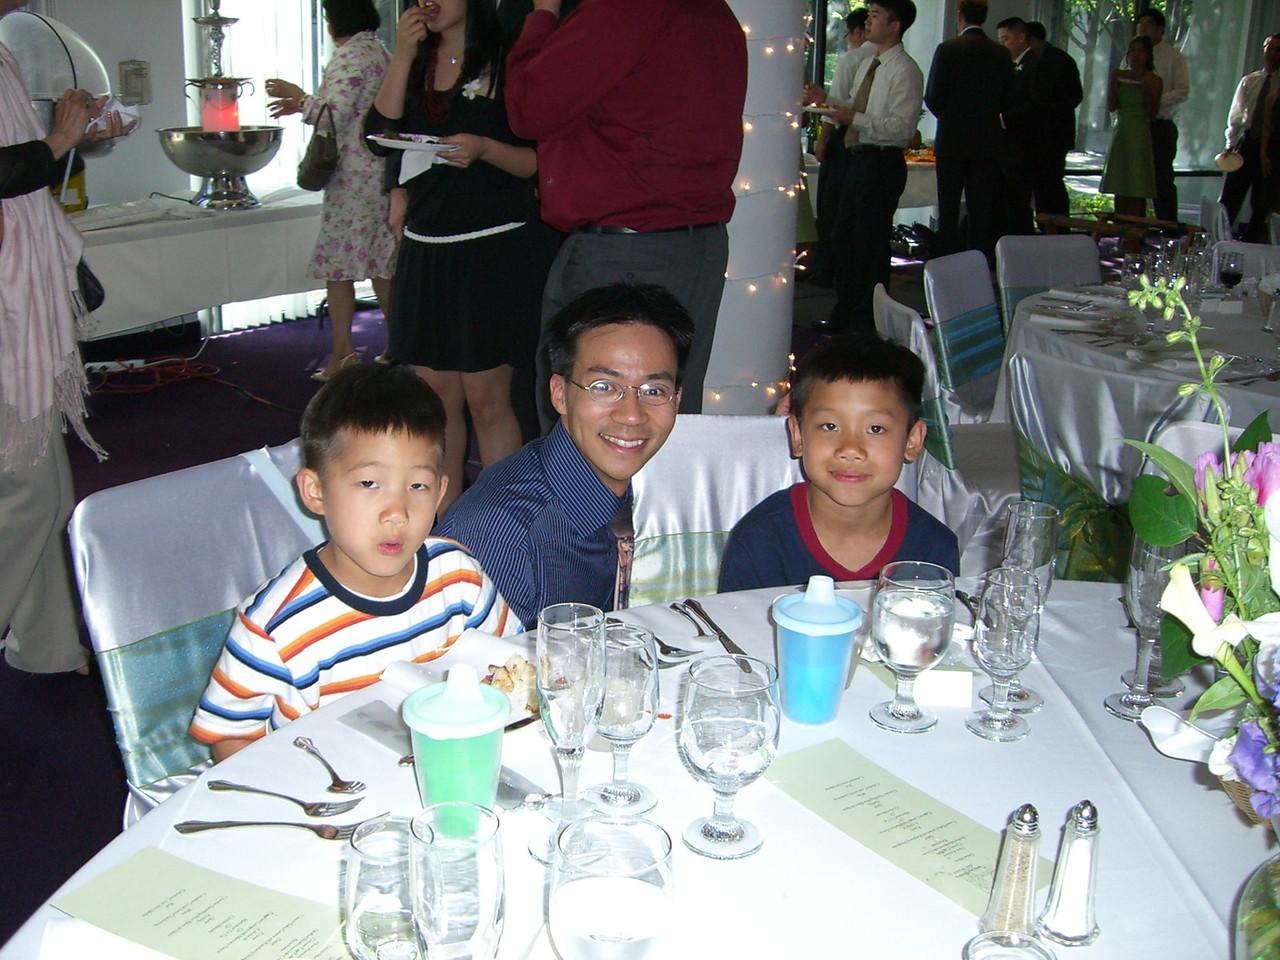 2006 06 18 Sun - Tristan Chu, Ben Yu, & Harrison Chu